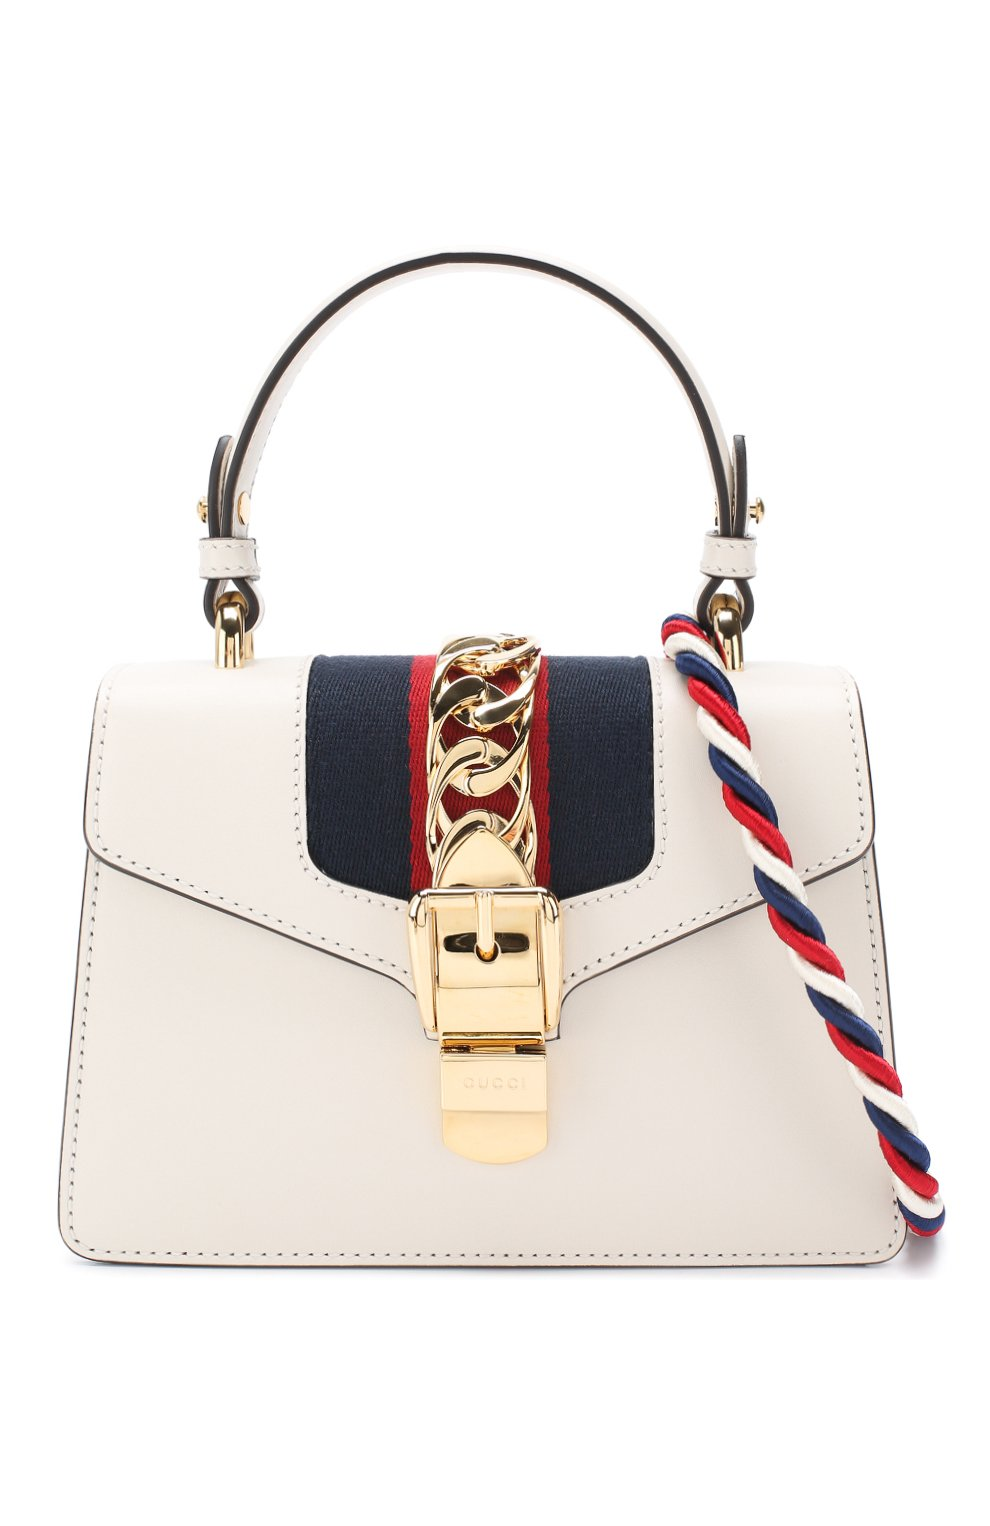 8fcc7b5fb799 Женская сумка sylvie mini GUCCI белая цвета — купить за 152200 руб ...